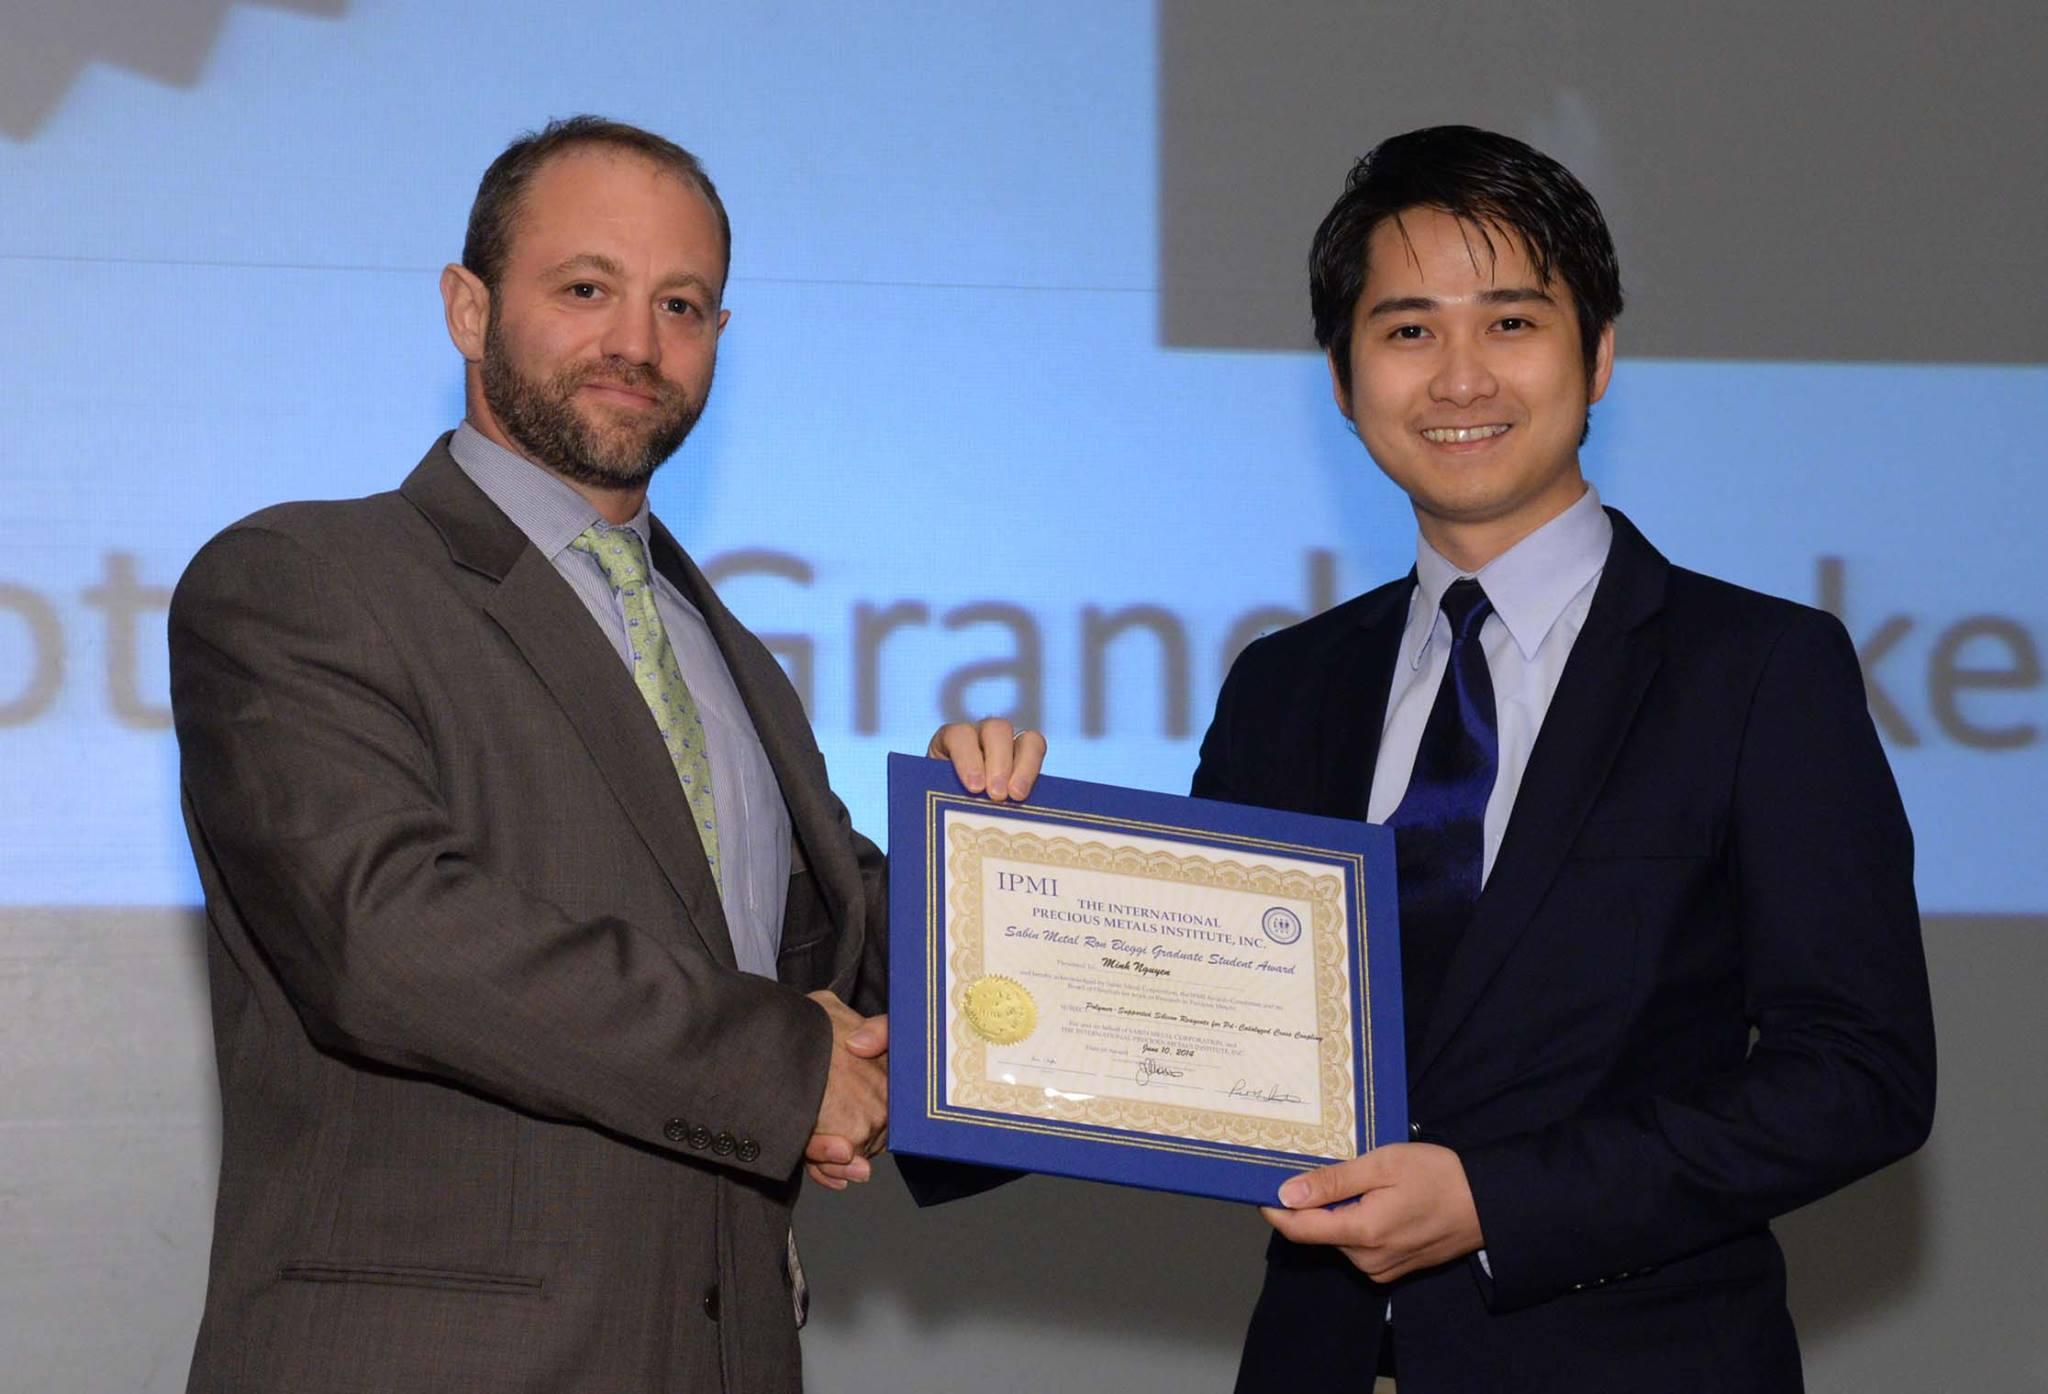 IPMI Award